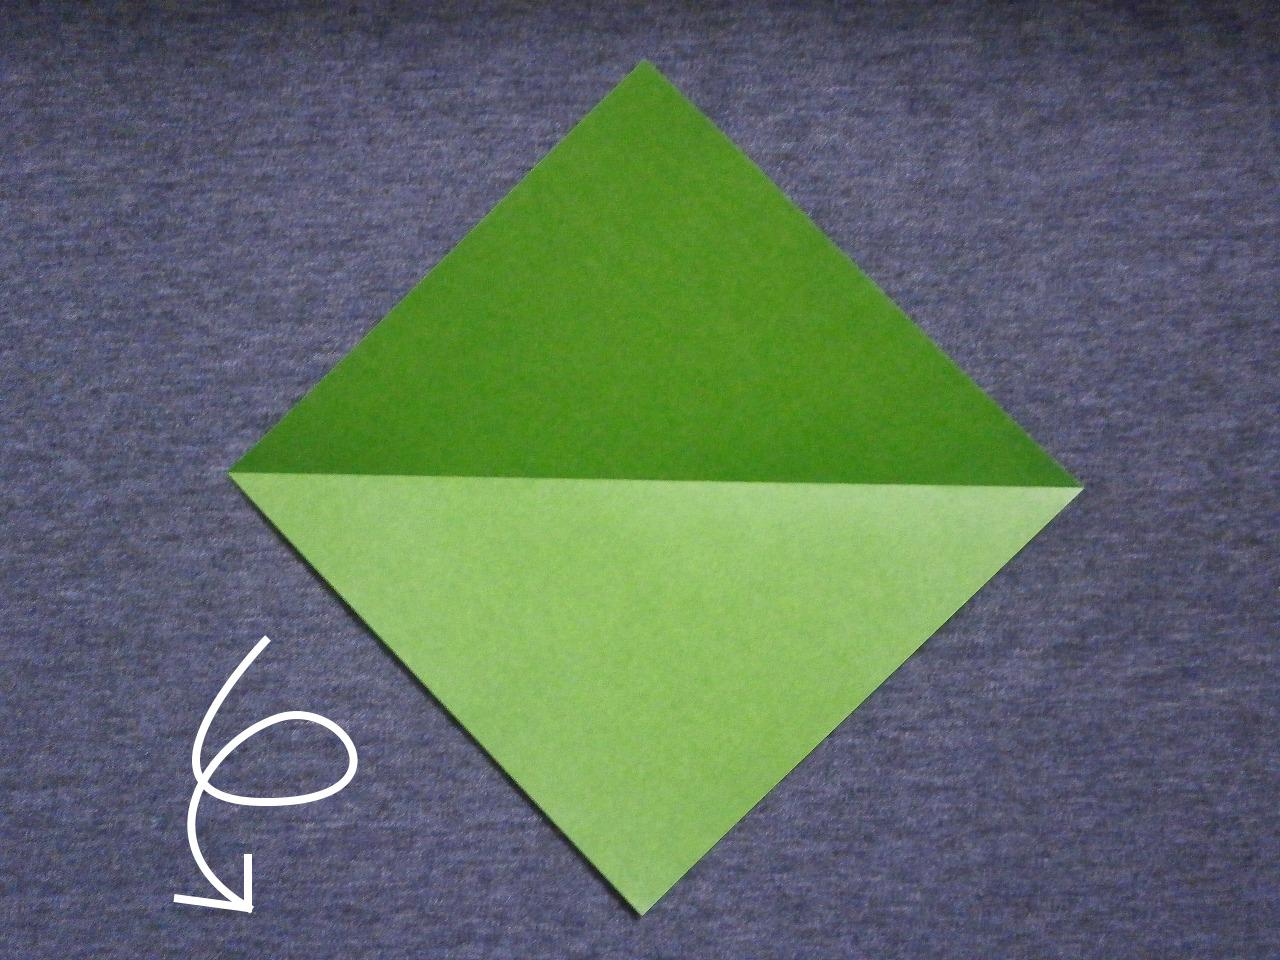 KATAKOTO ORIGAMI: How to fold an origami snake - photo#9